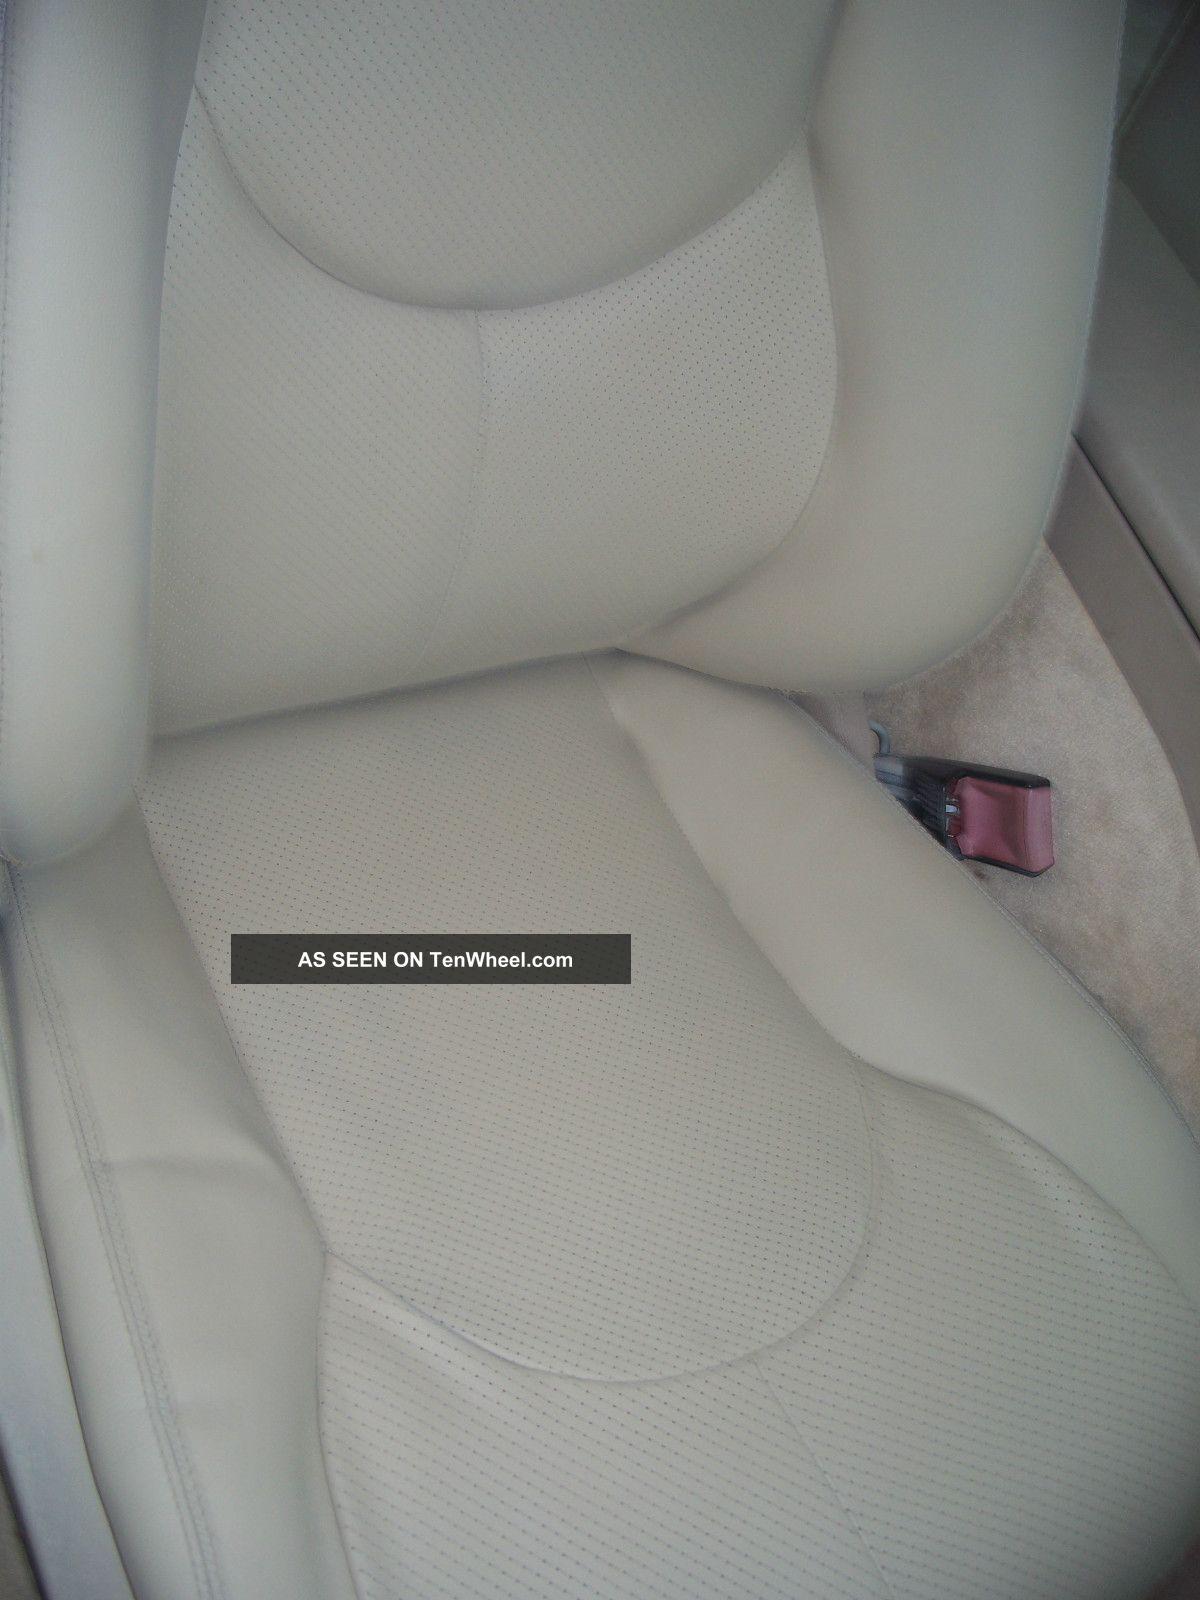 1996 Mercedes Benz Sl 320 Convert Convertable Top Hard Top